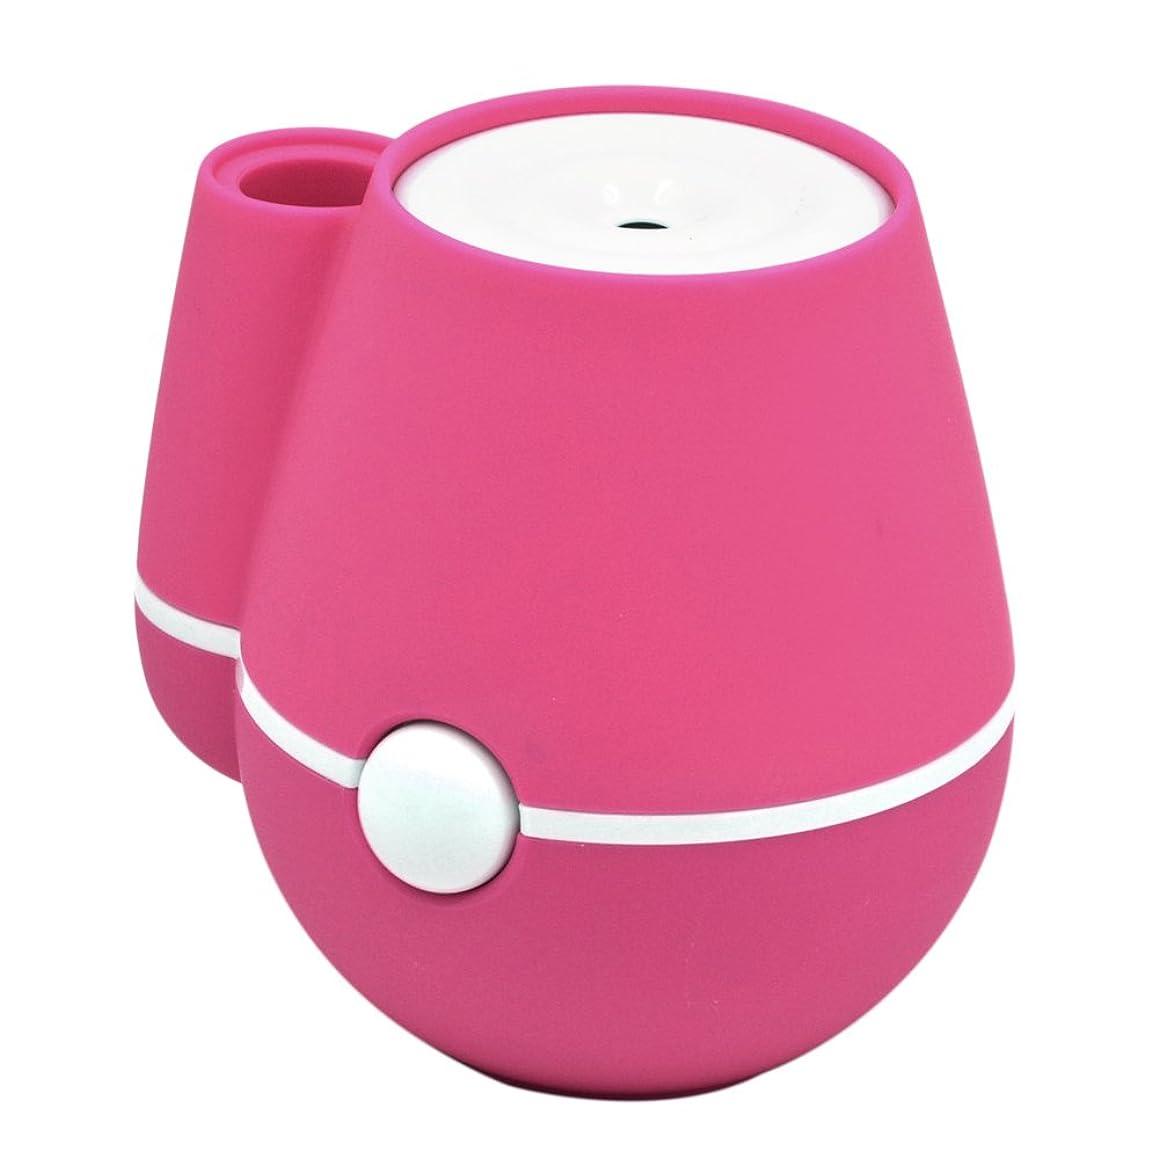 存在ボイコット想起ゴシレ [Gosear] ミニ花瓶空気加湿器ポータブルクール霧化加湿器ミュート USB 操作オフィスファミリーベッドルーム―(ピンク)